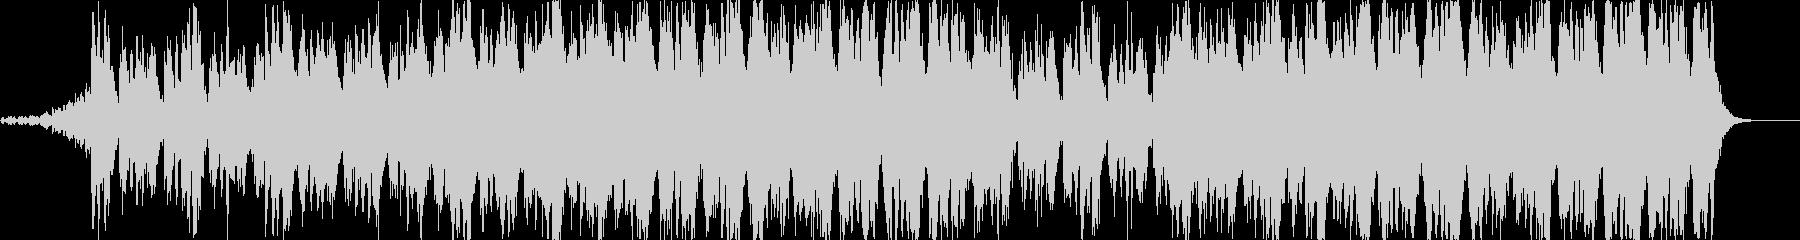 ポジティブなオーケストラ曲の未再生の波形